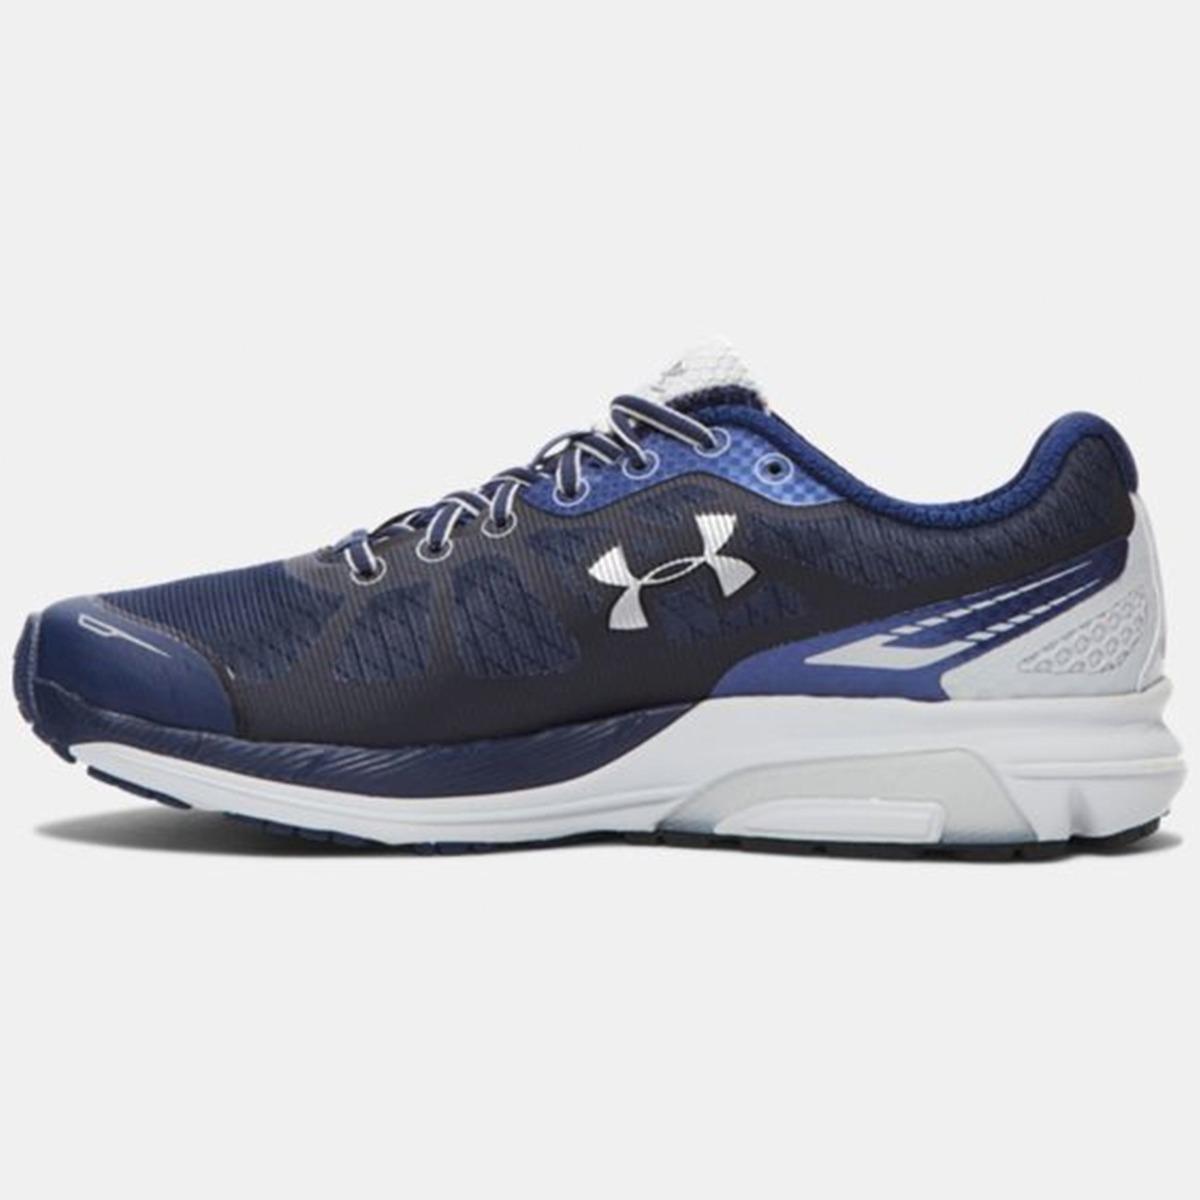 کفش مخصوص پیاده روی زنانه آندر آرمور مدل  Tenis Atleticos کد 470-1258953